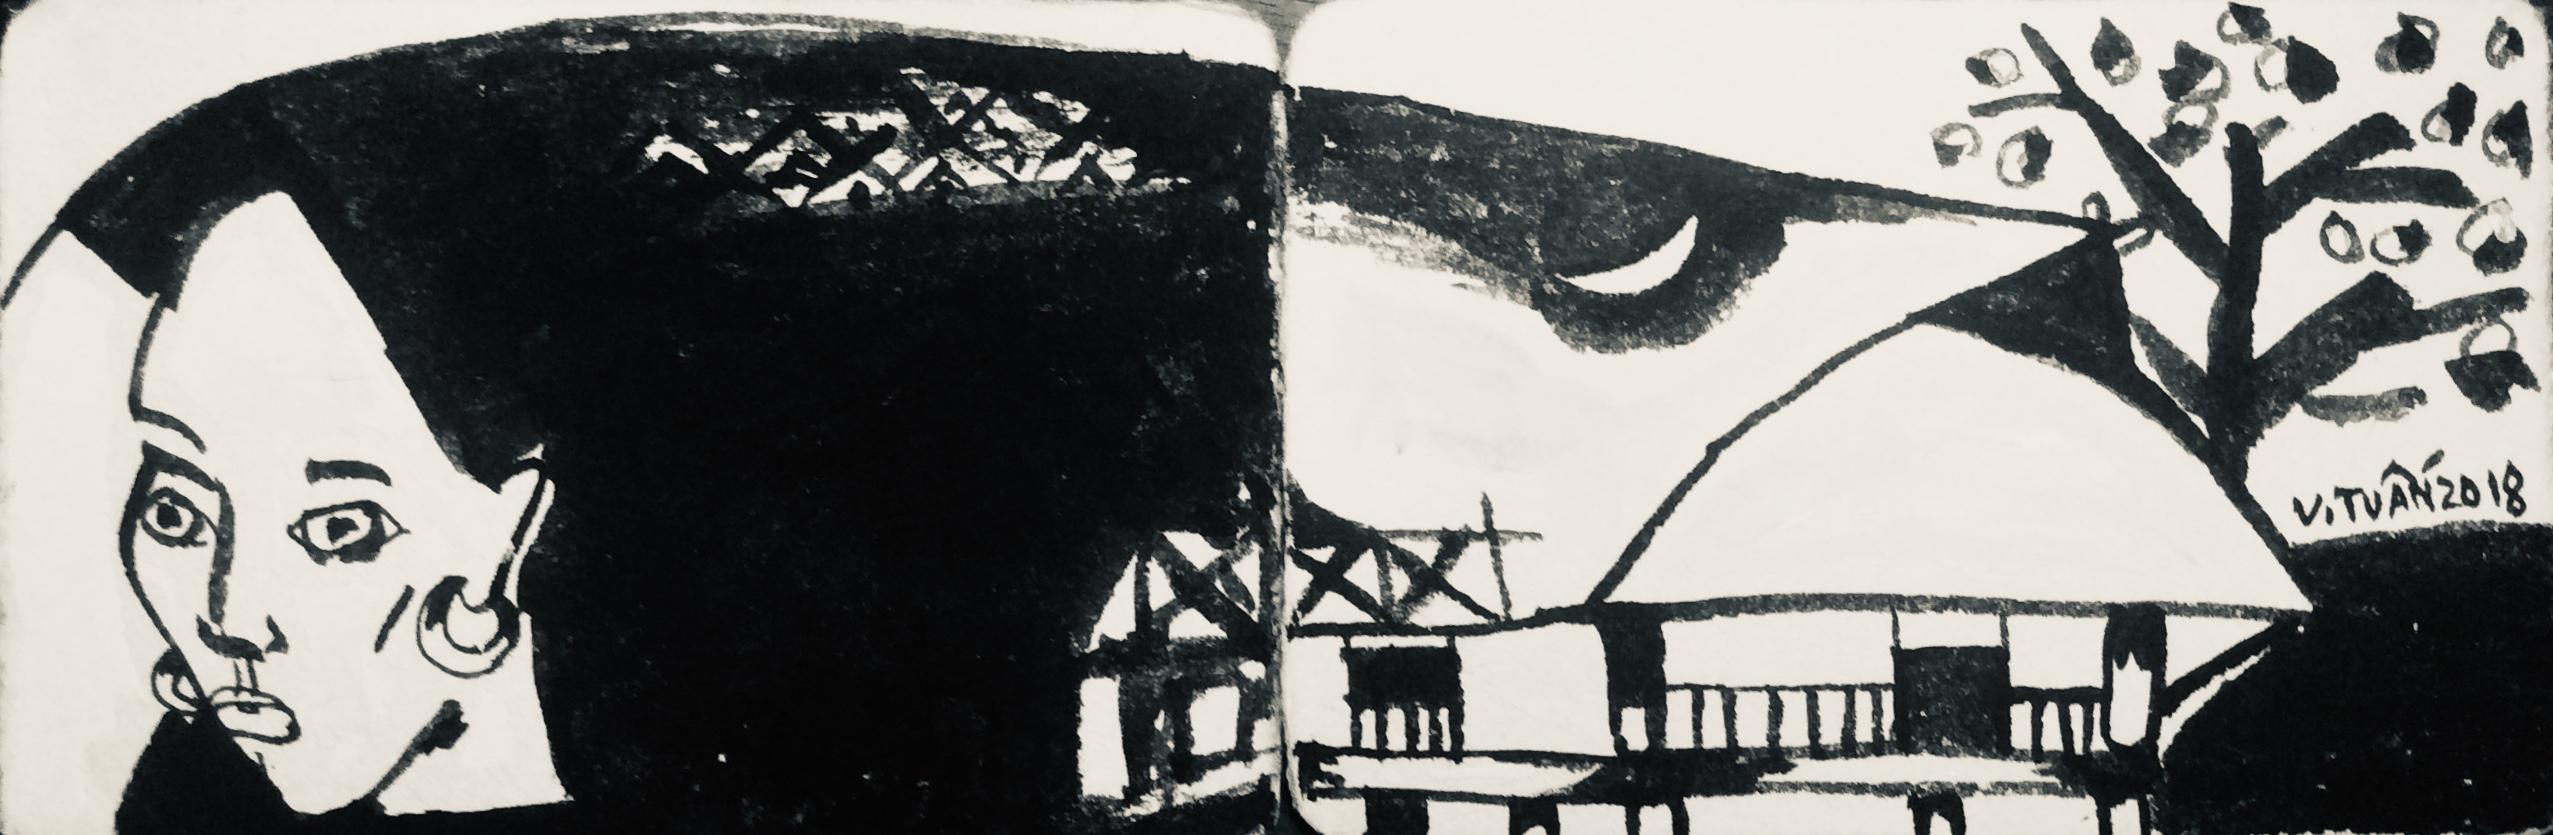 Trăng trên mái nhà | Moon on the Roof